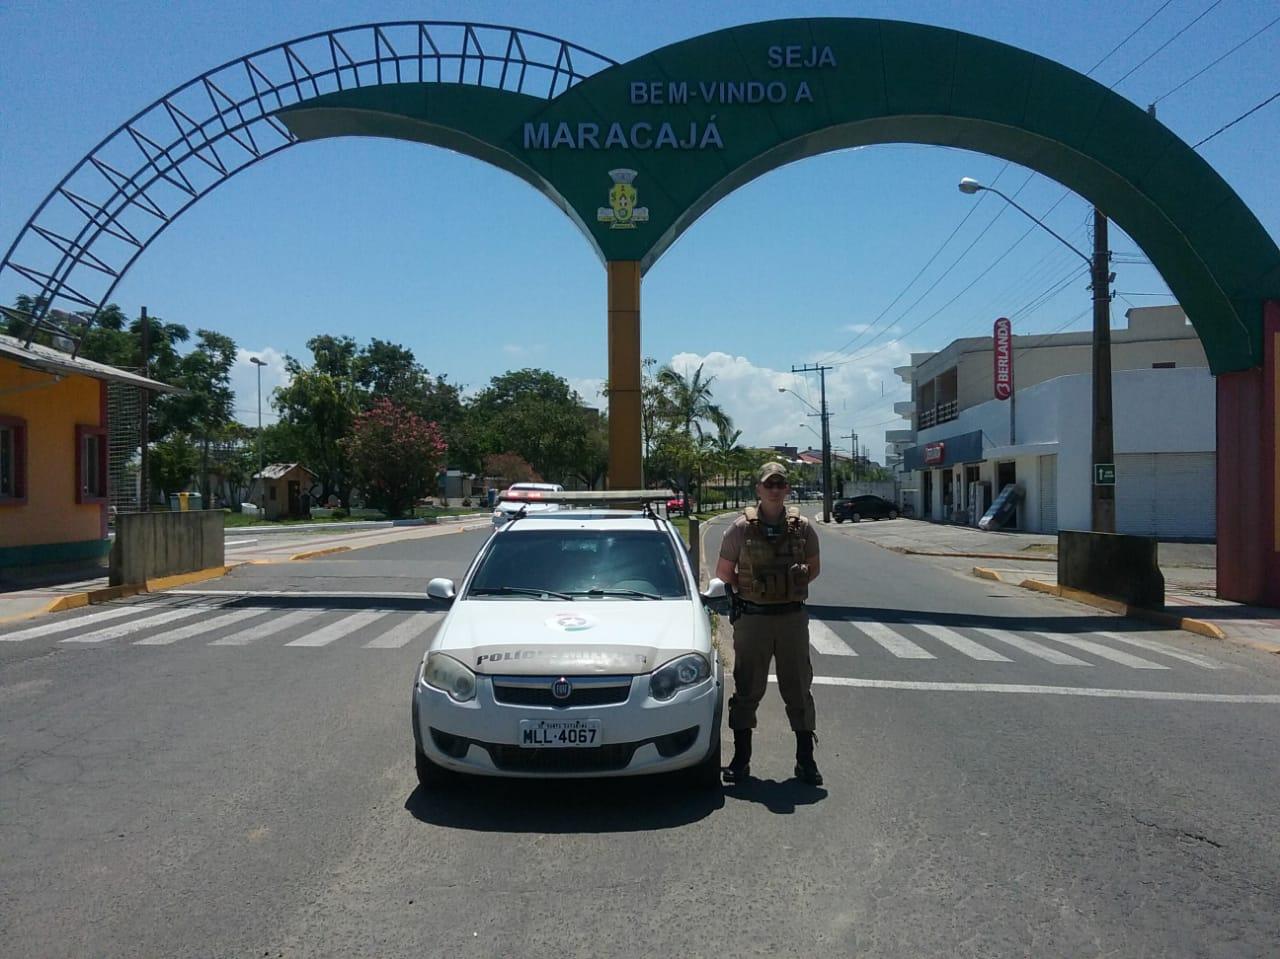 Polícia Militar sempre presente nas ruas de Maracajá